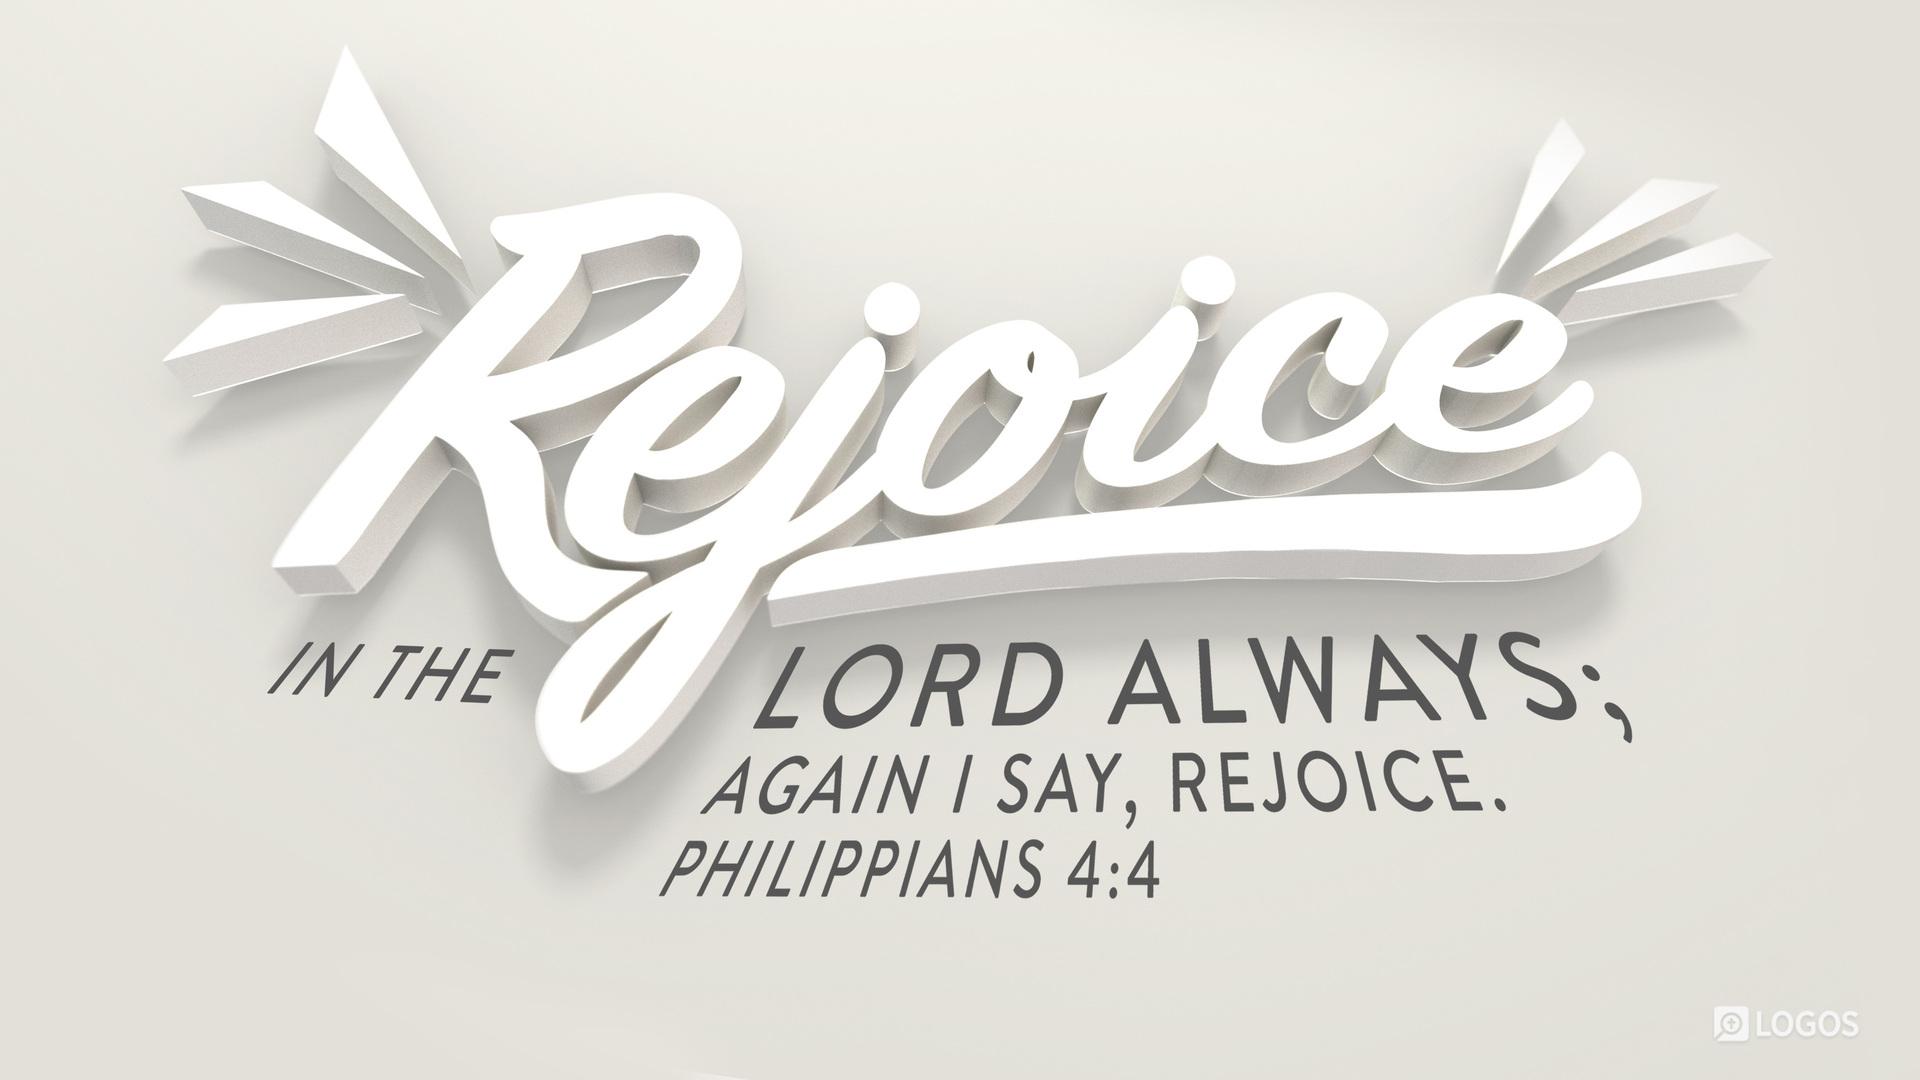 Phil 4:4